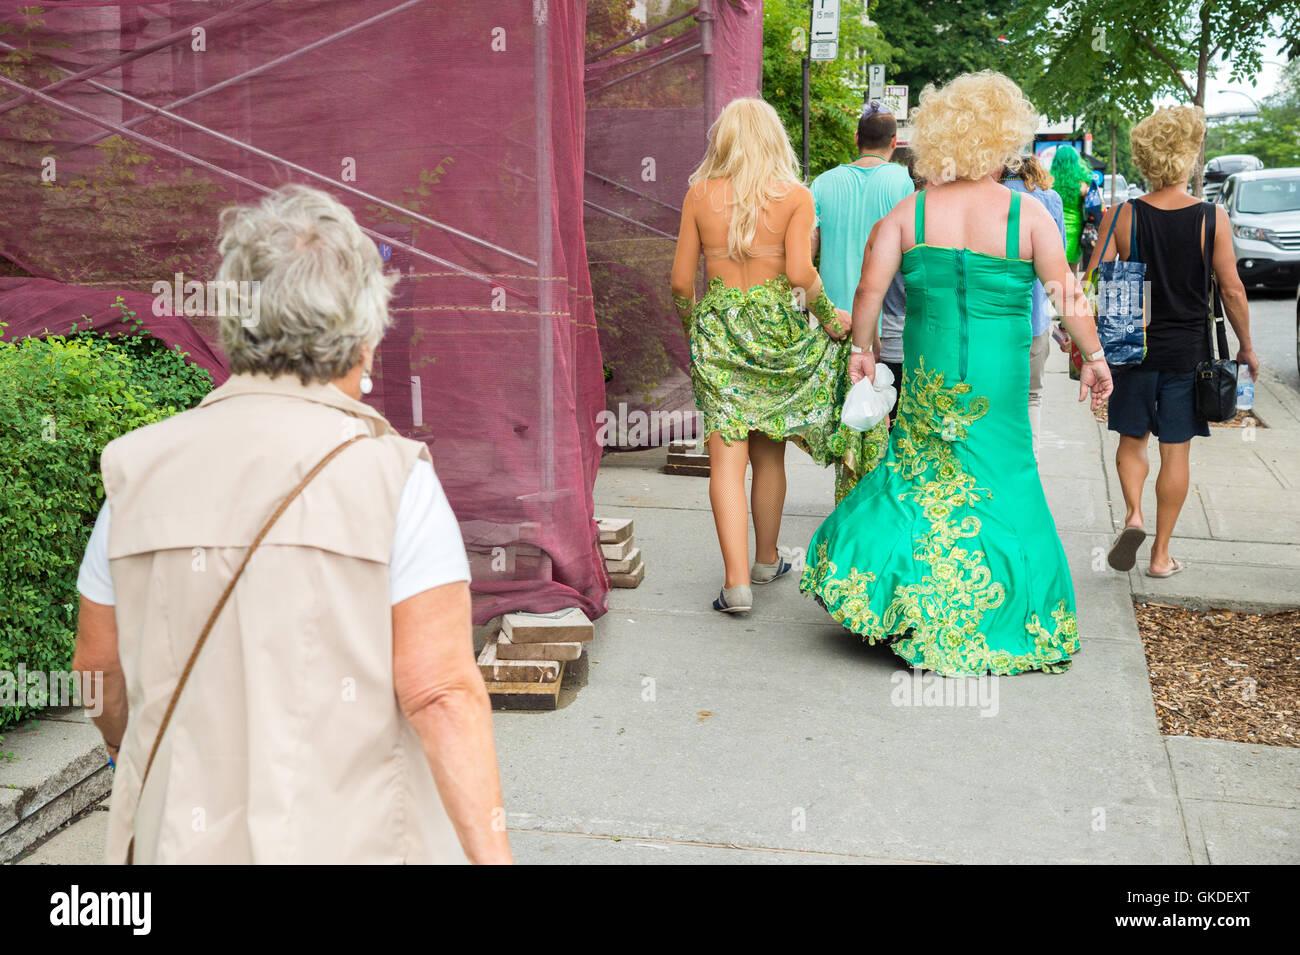 Montréal, CA - 14 août 2016: drag-queens en marchant dans la rue en face d'une vieille dame Photo Stock